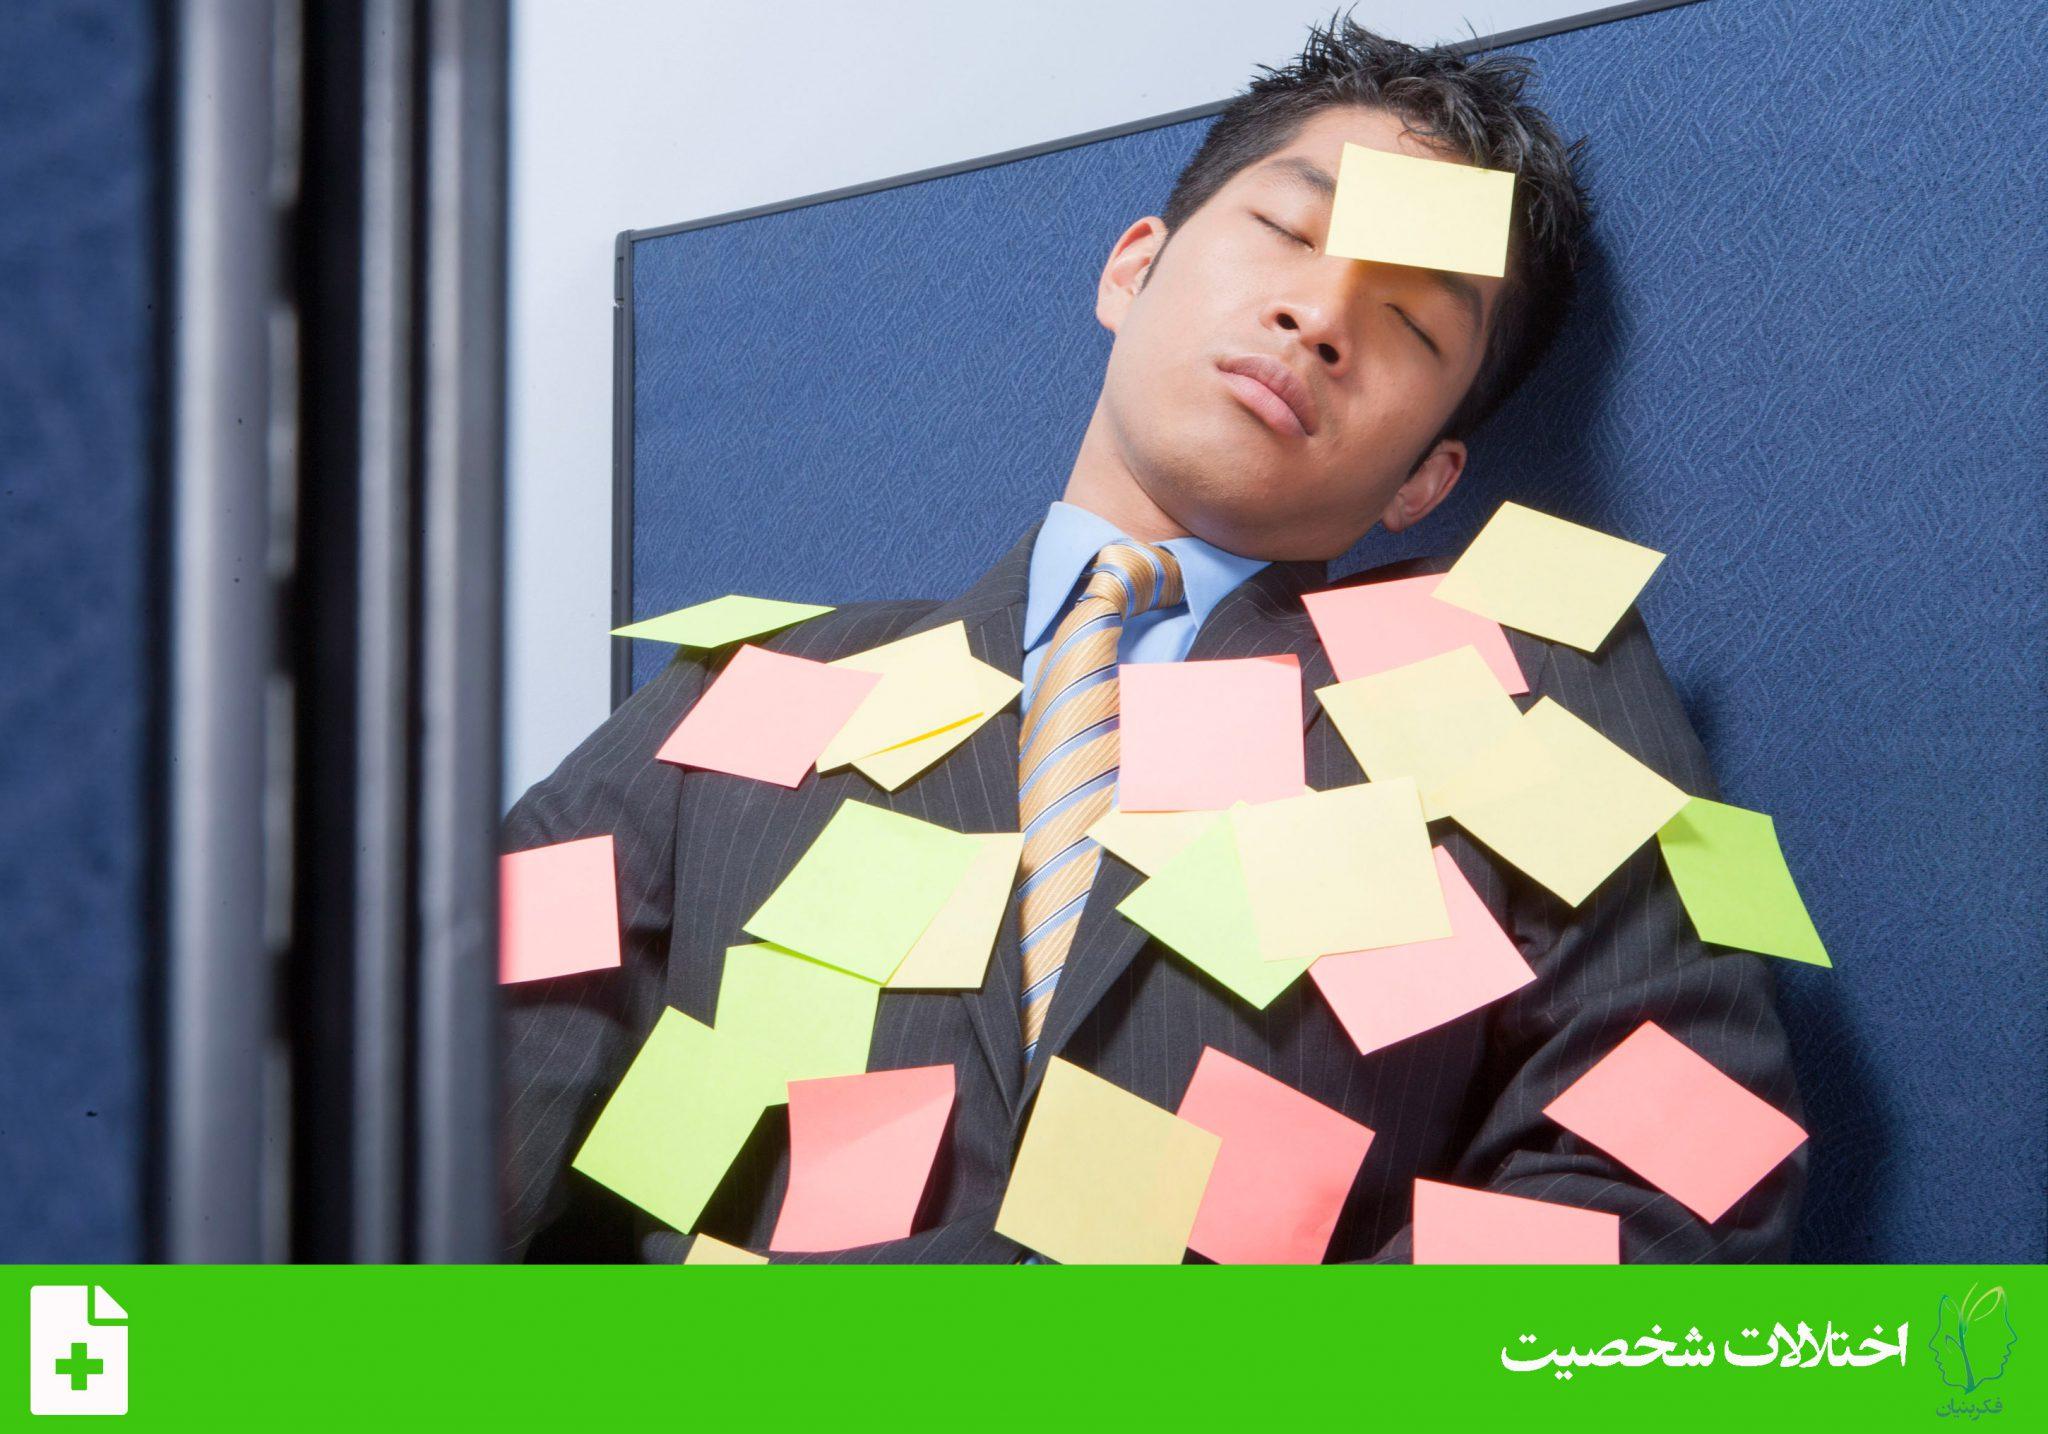 اختلال شخصیت وسواسی جبری (Obsessive–compulsive personality disorder)